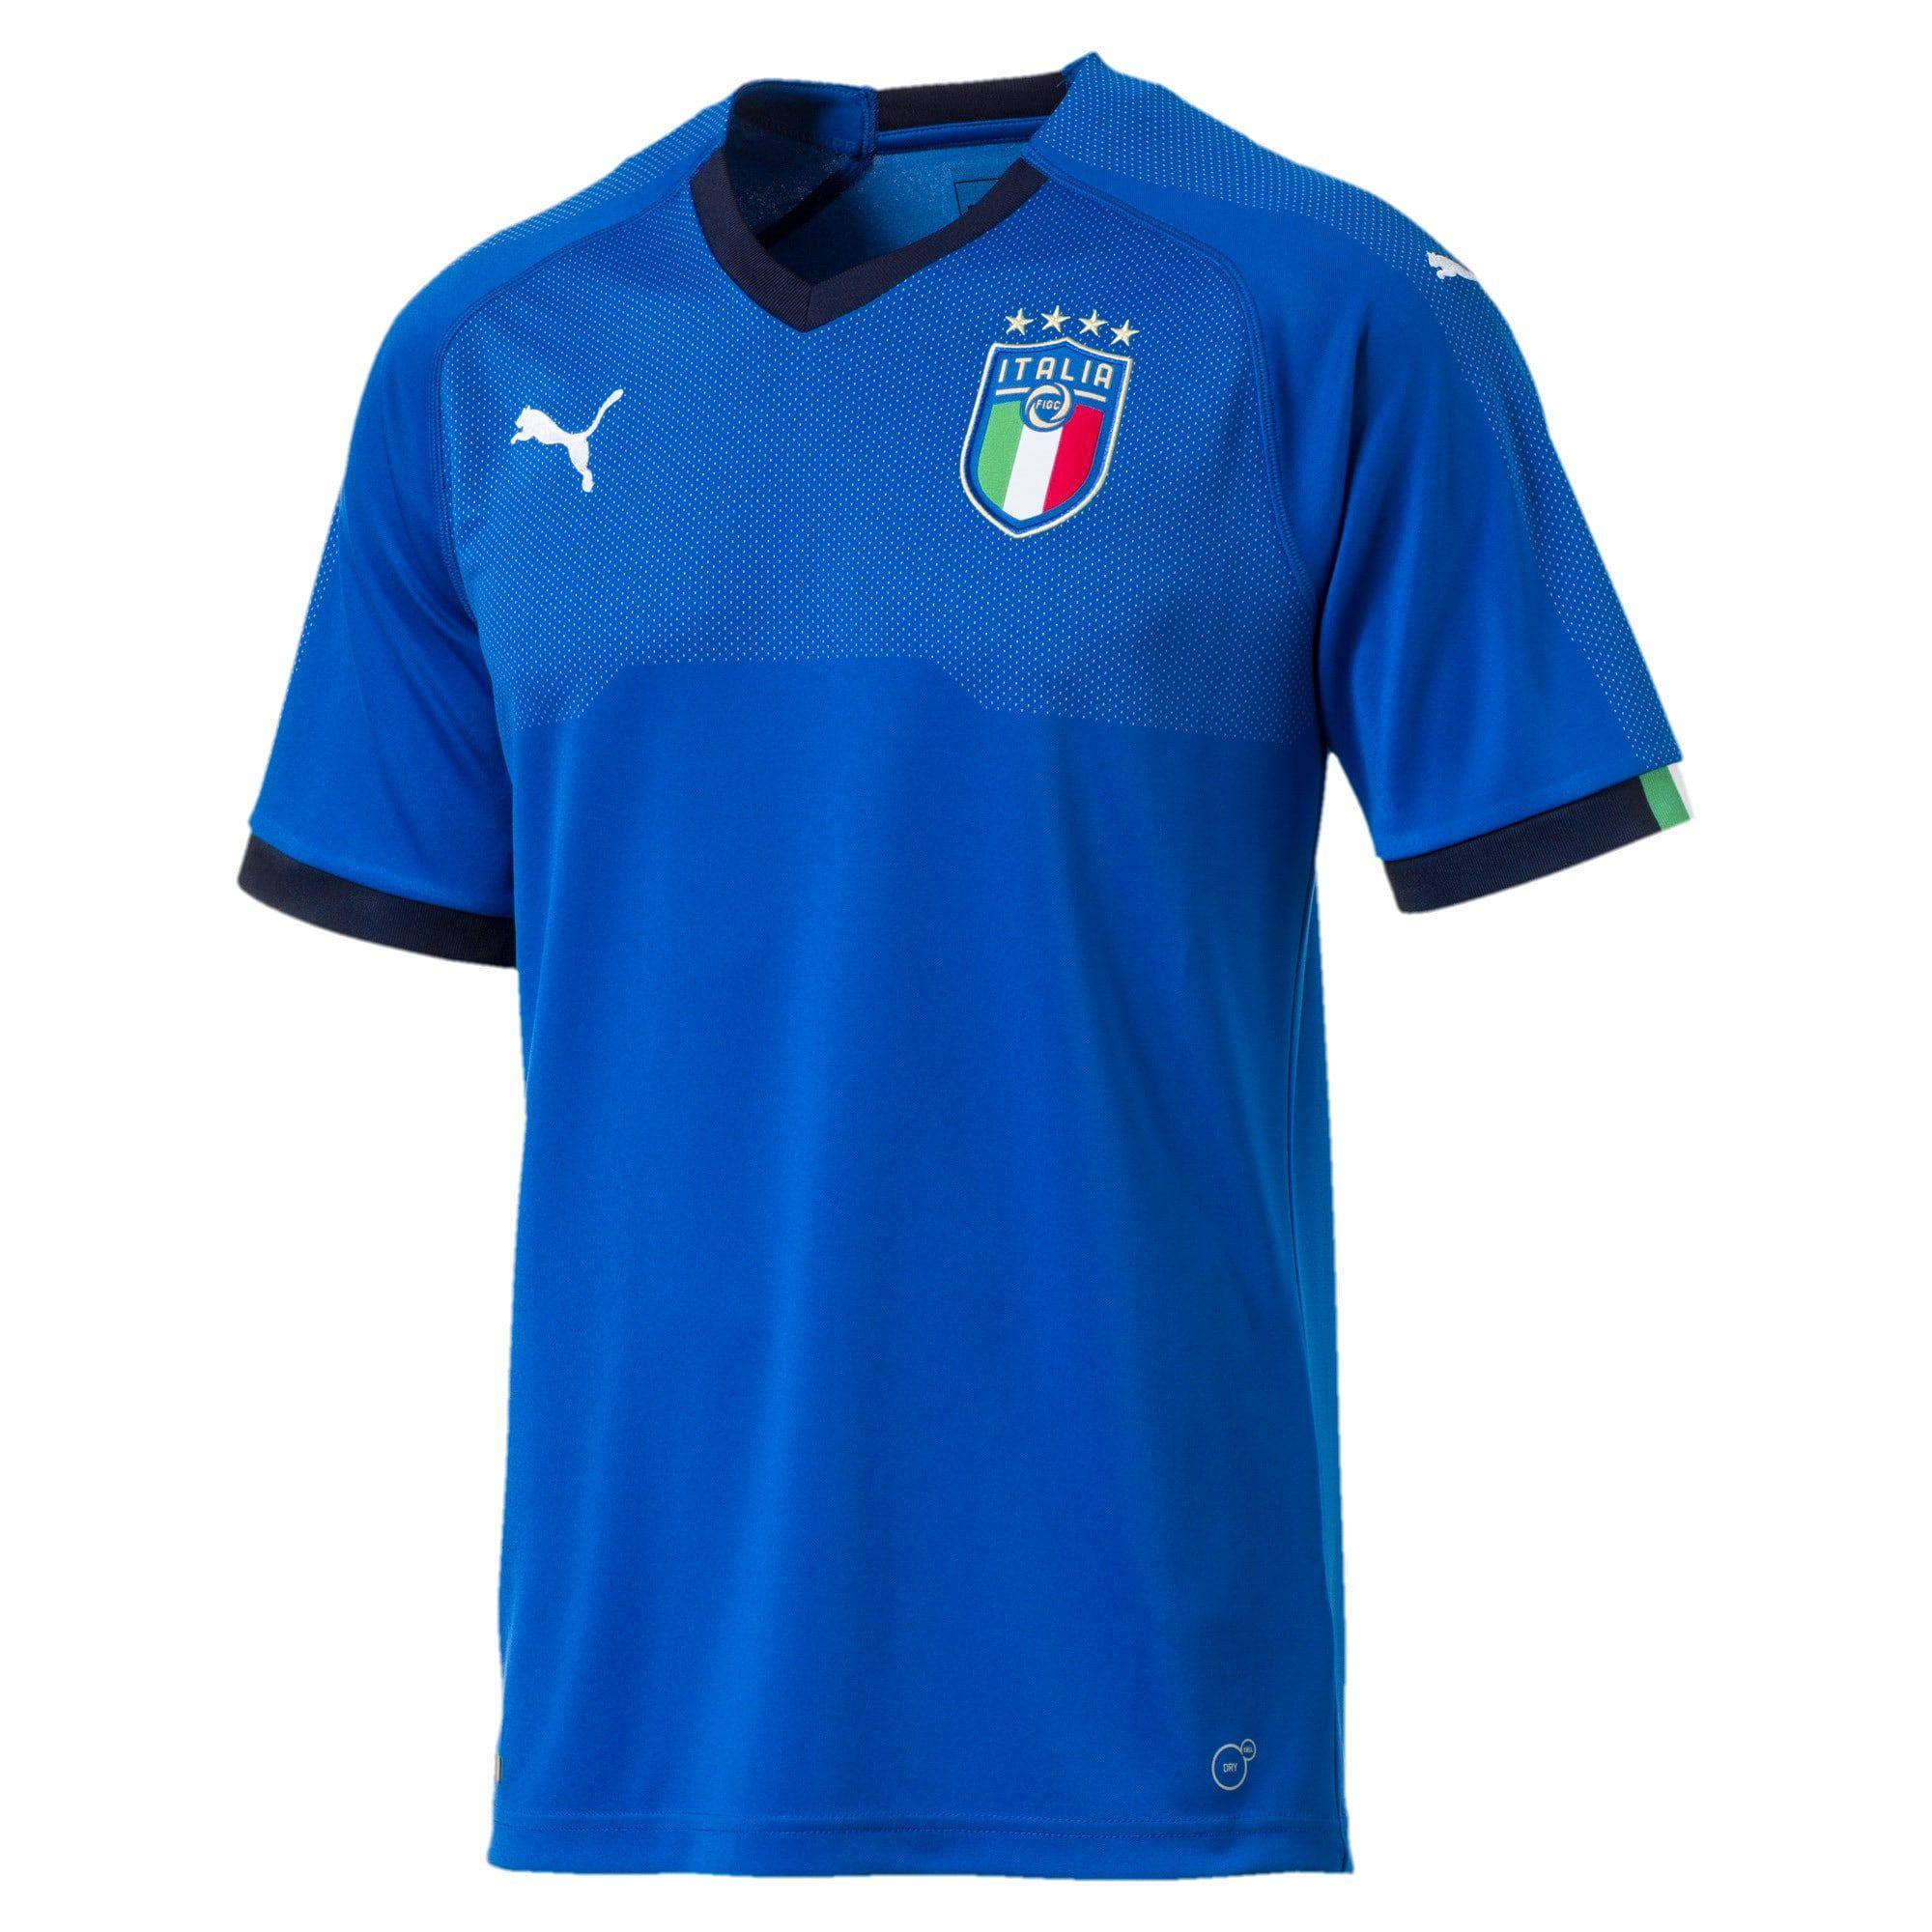 New Official Team Men's Scotland FA Crest Short Sleeve T-Shirt Navy Blue